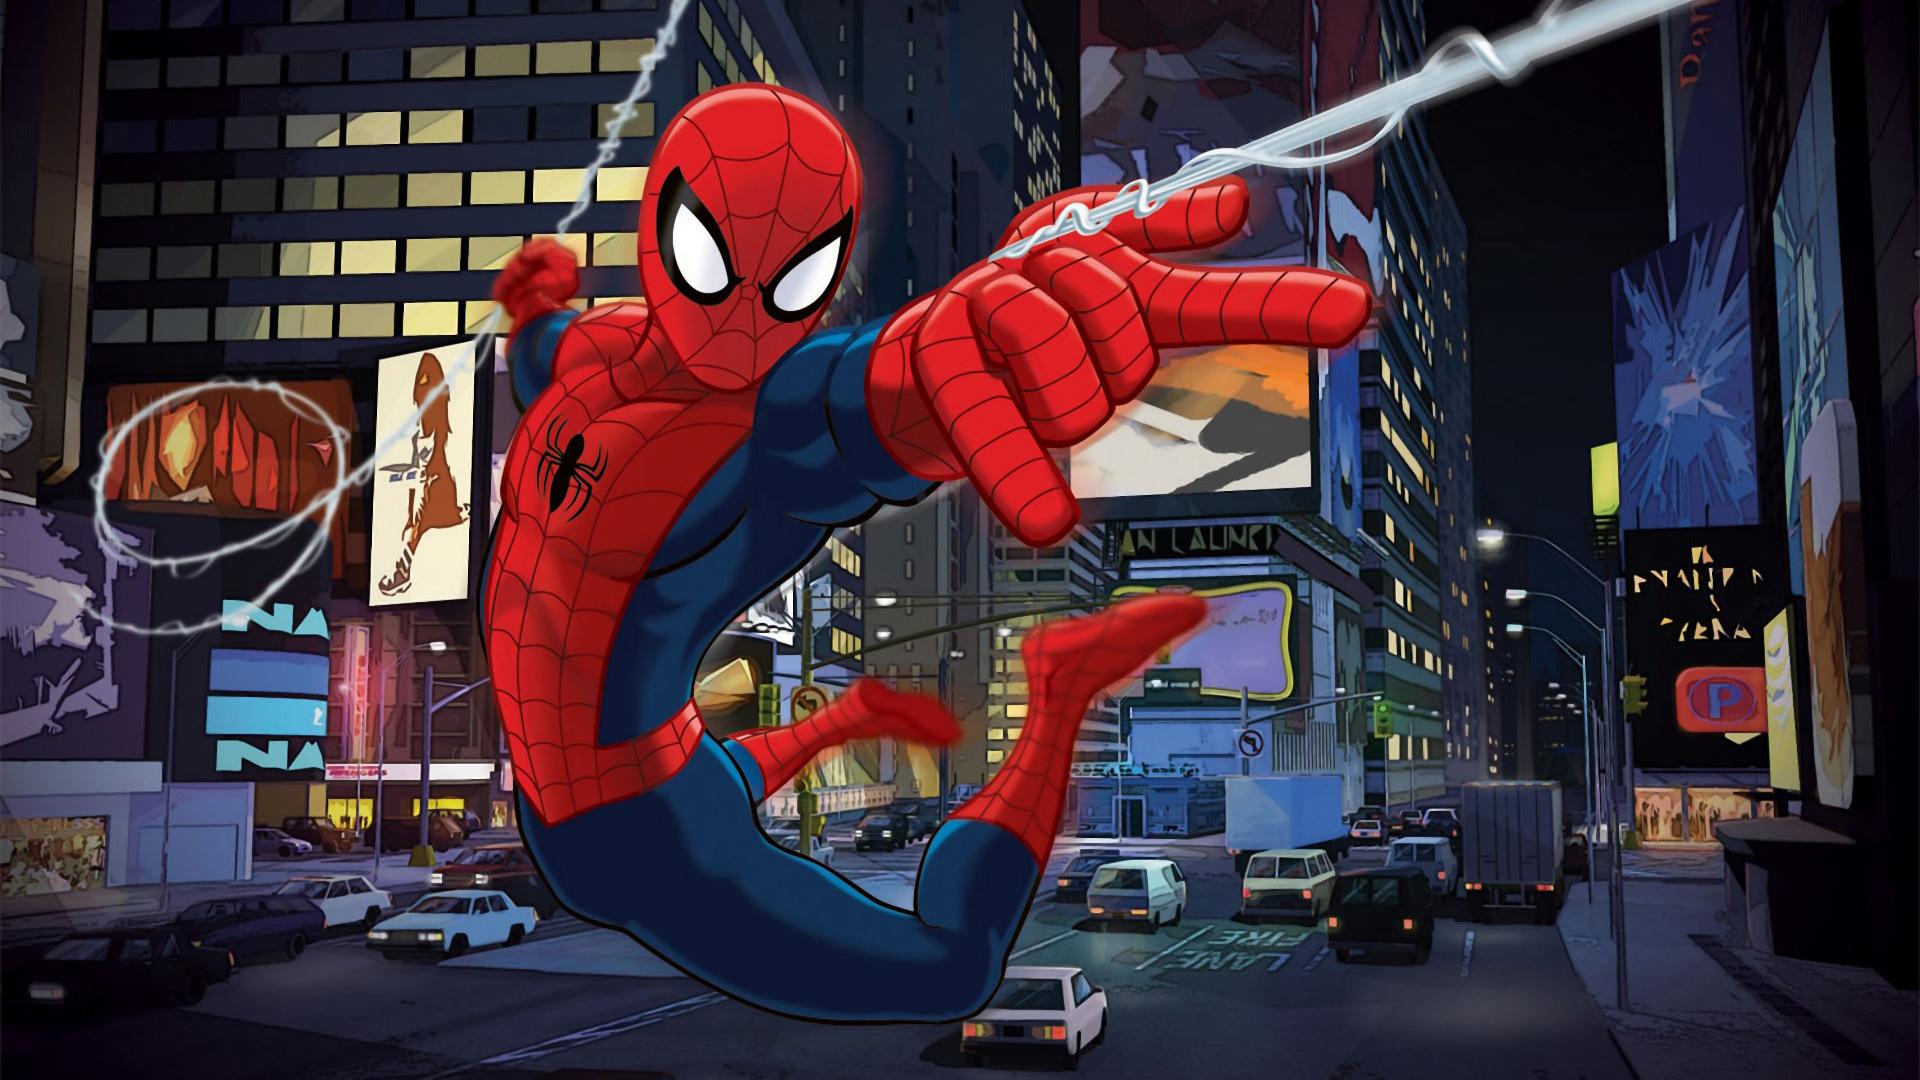 Человек паук мультик 16 фотография